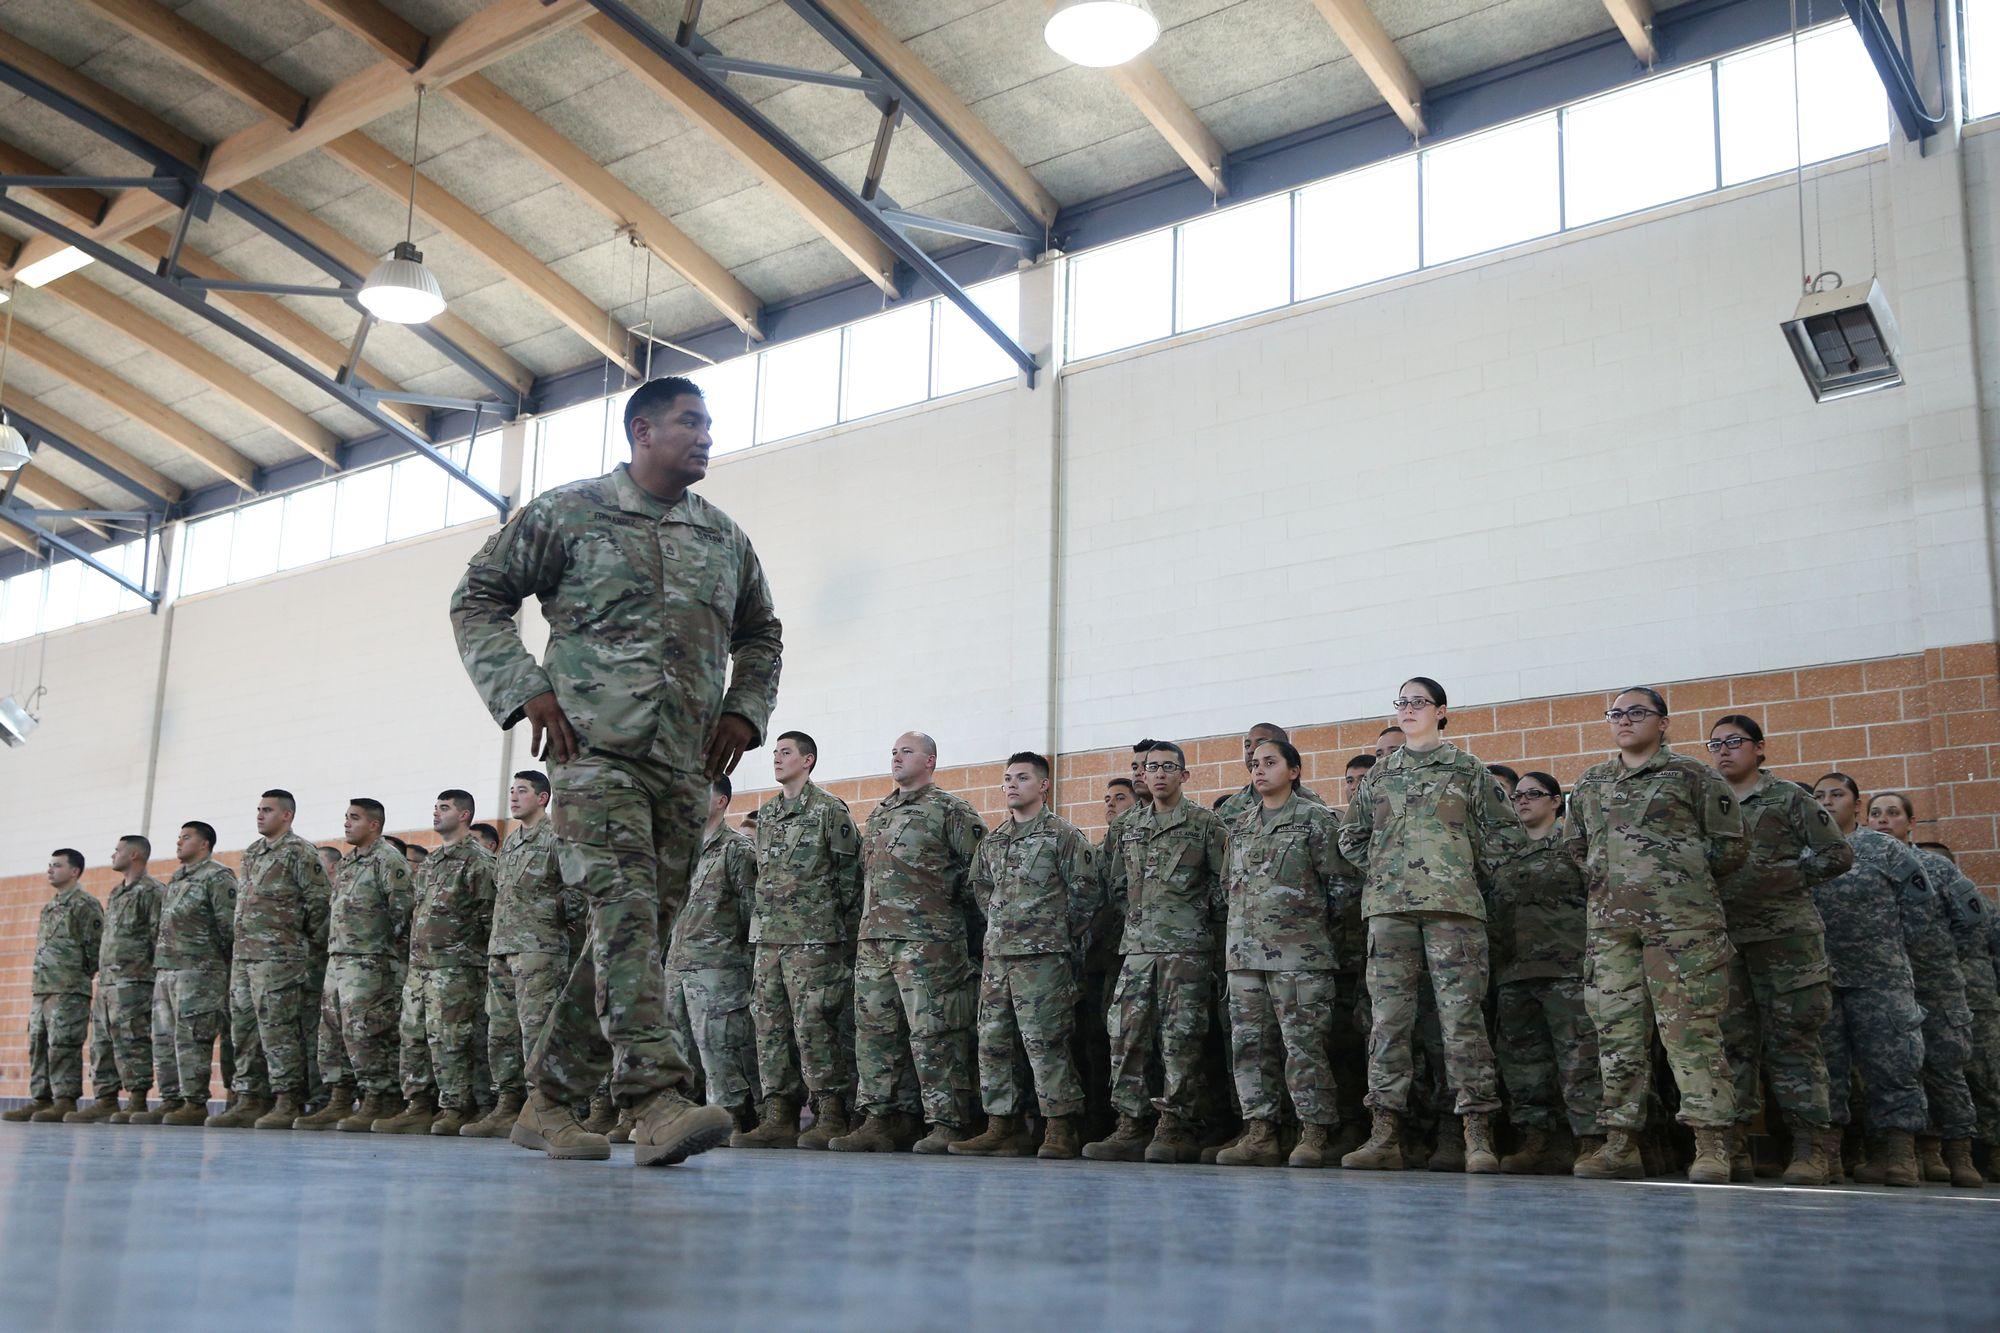 Plus de 5.000 soldats américains déployés à la frontière mexicaine (Pentagone) — Migrants